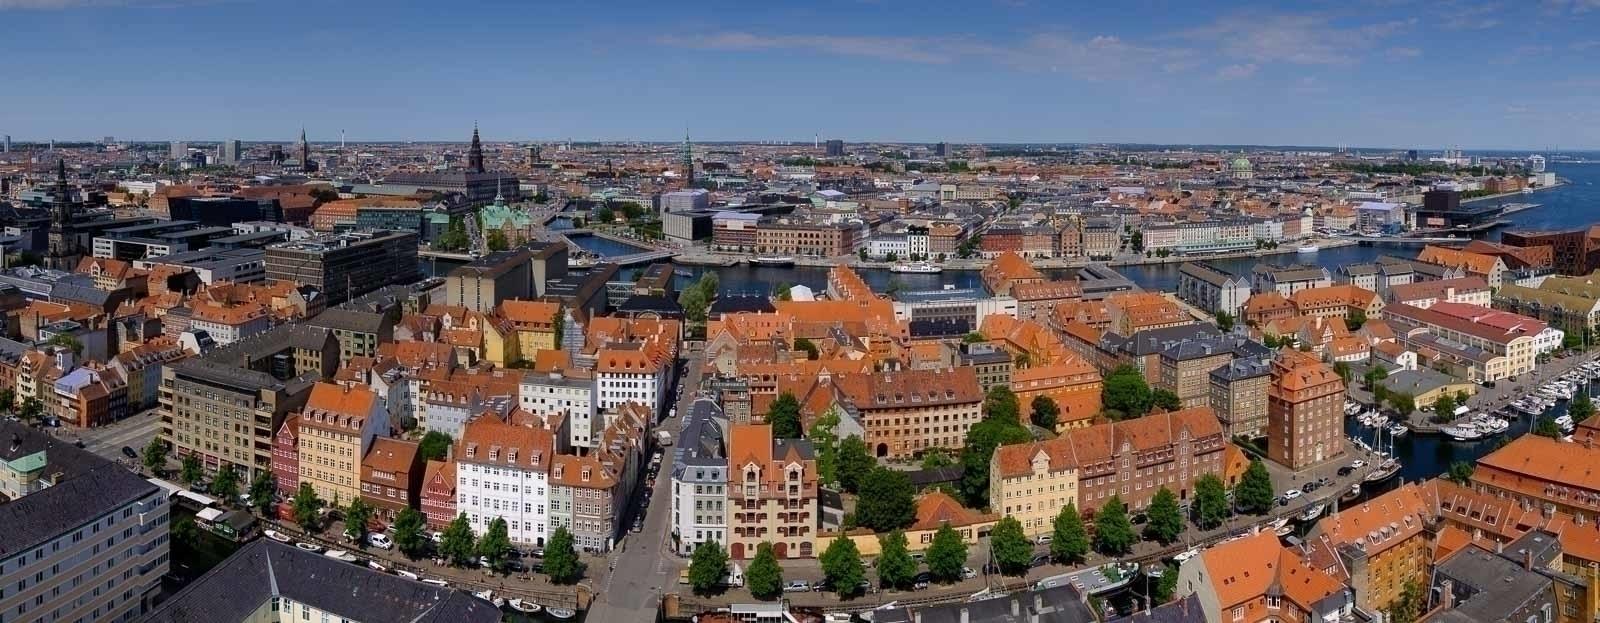 Panorama Kopenhagen. View Kopen - pentaxke | ello